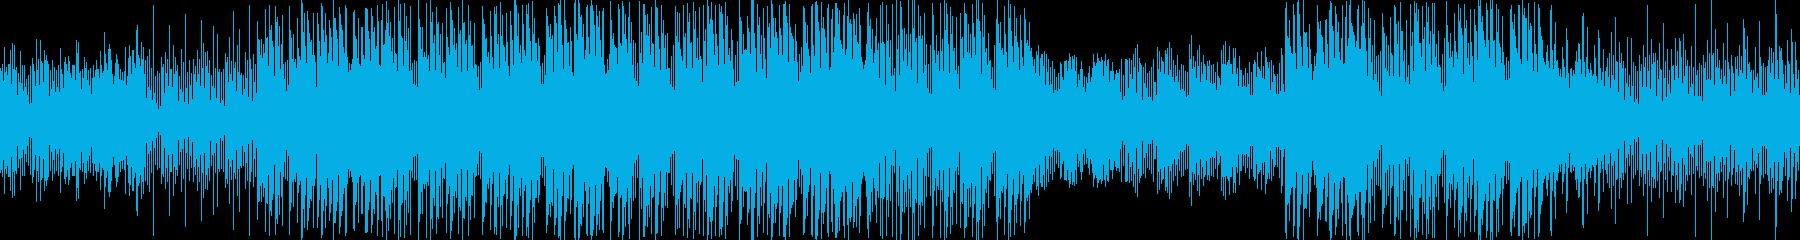 不思議な感じで浮遊感のあるテクノポップの再生済みの波形